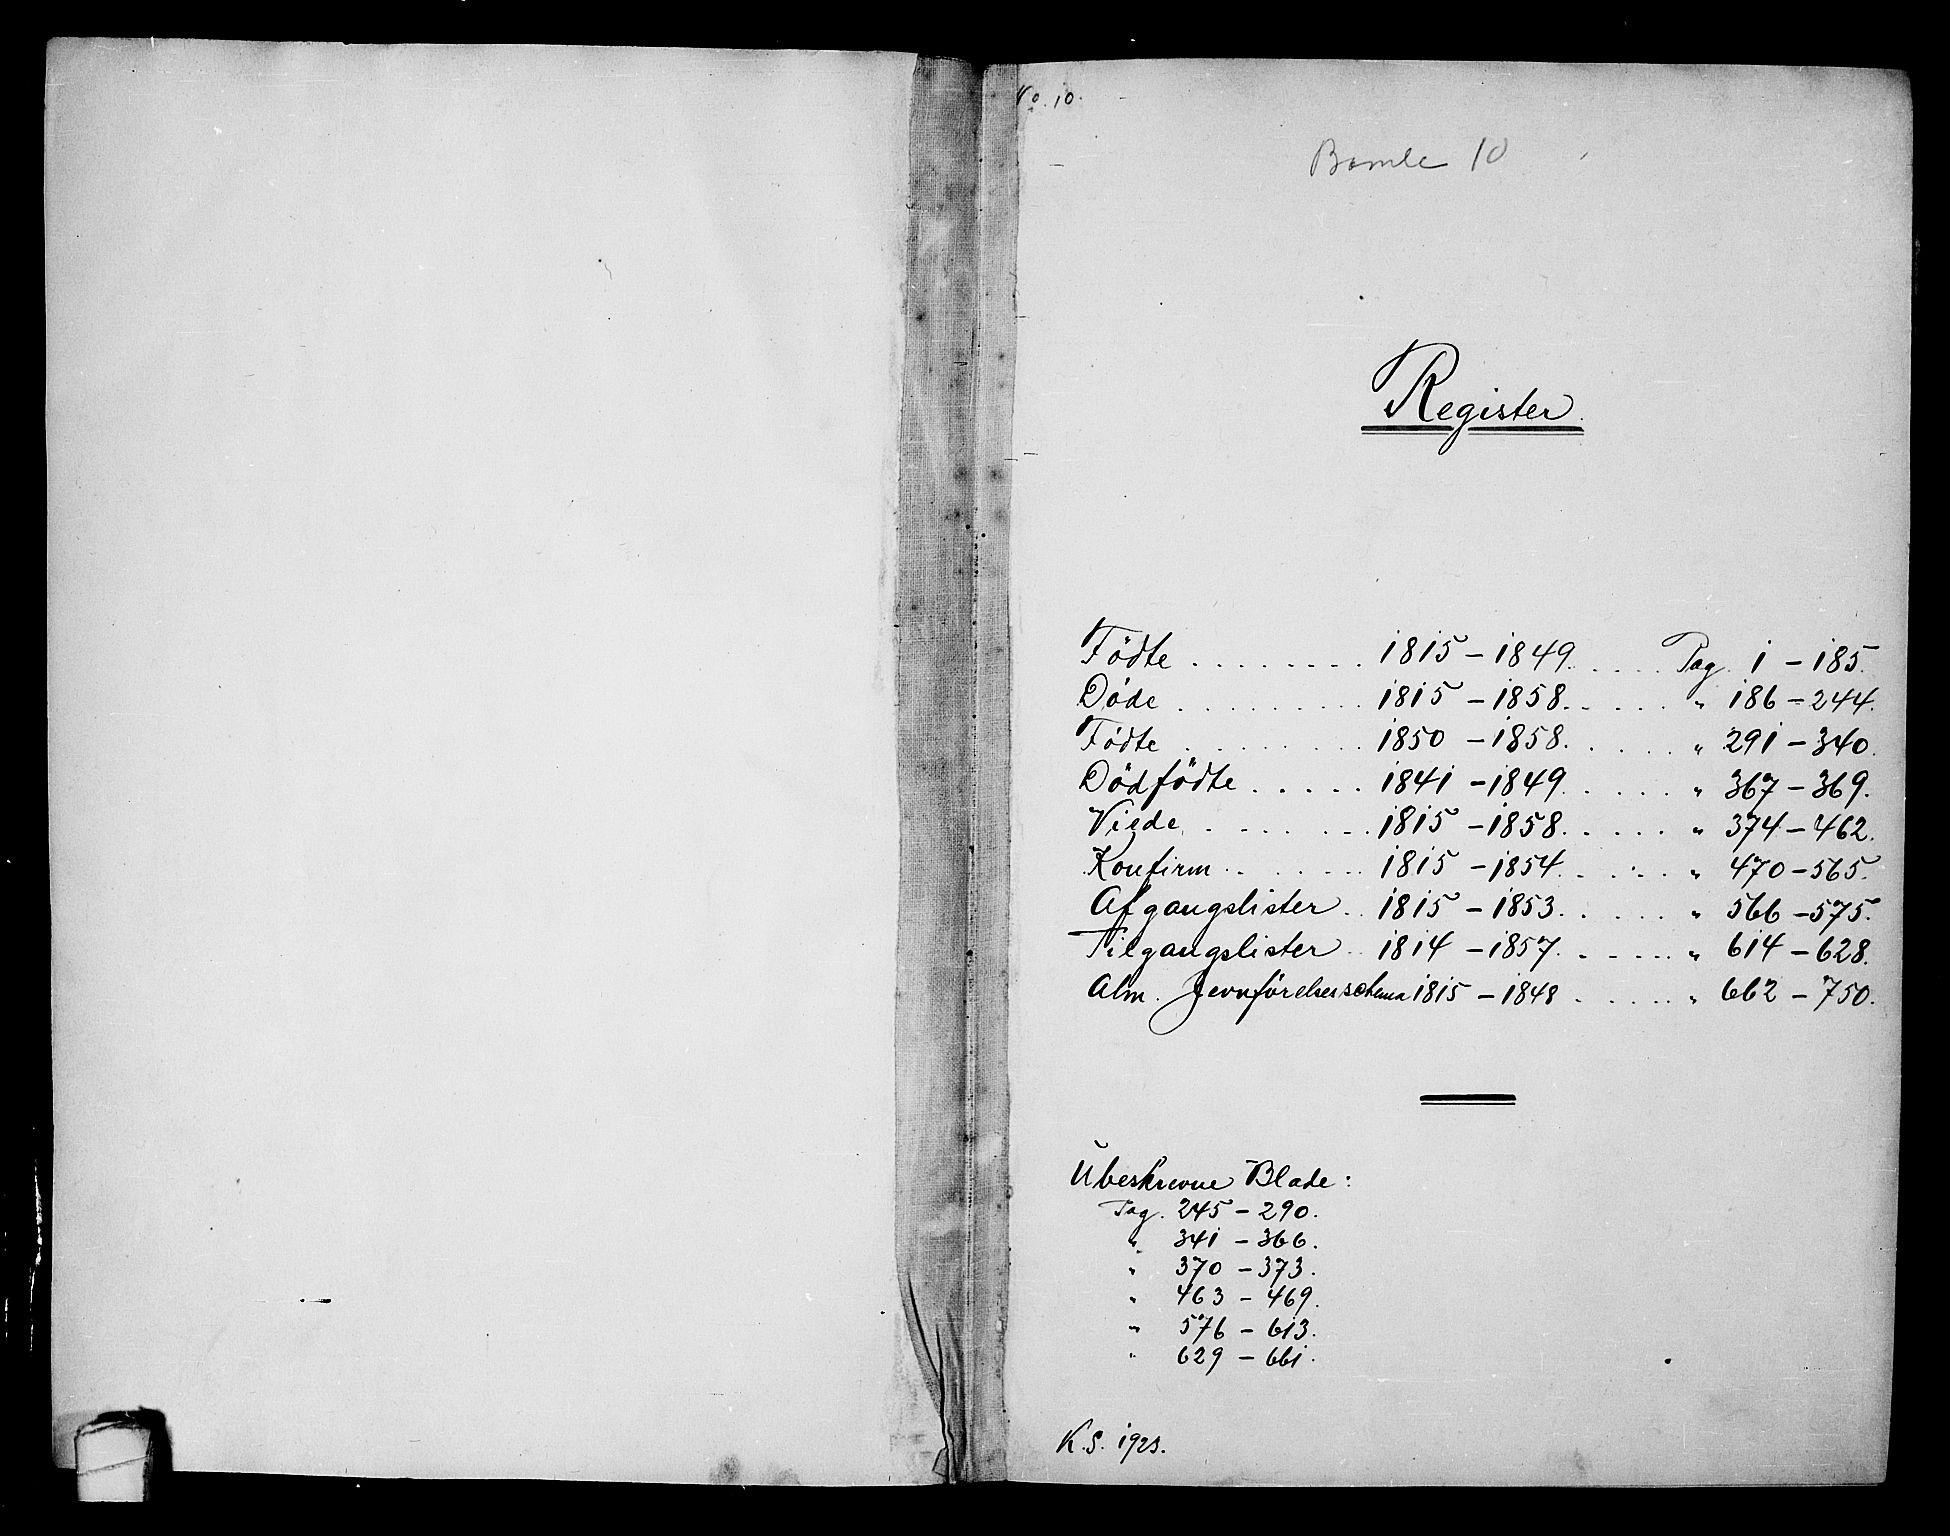 SAKO, Langesund kirkebøker, G/Ga/L0003: Klokkerbok nr. 3, 1815-1858